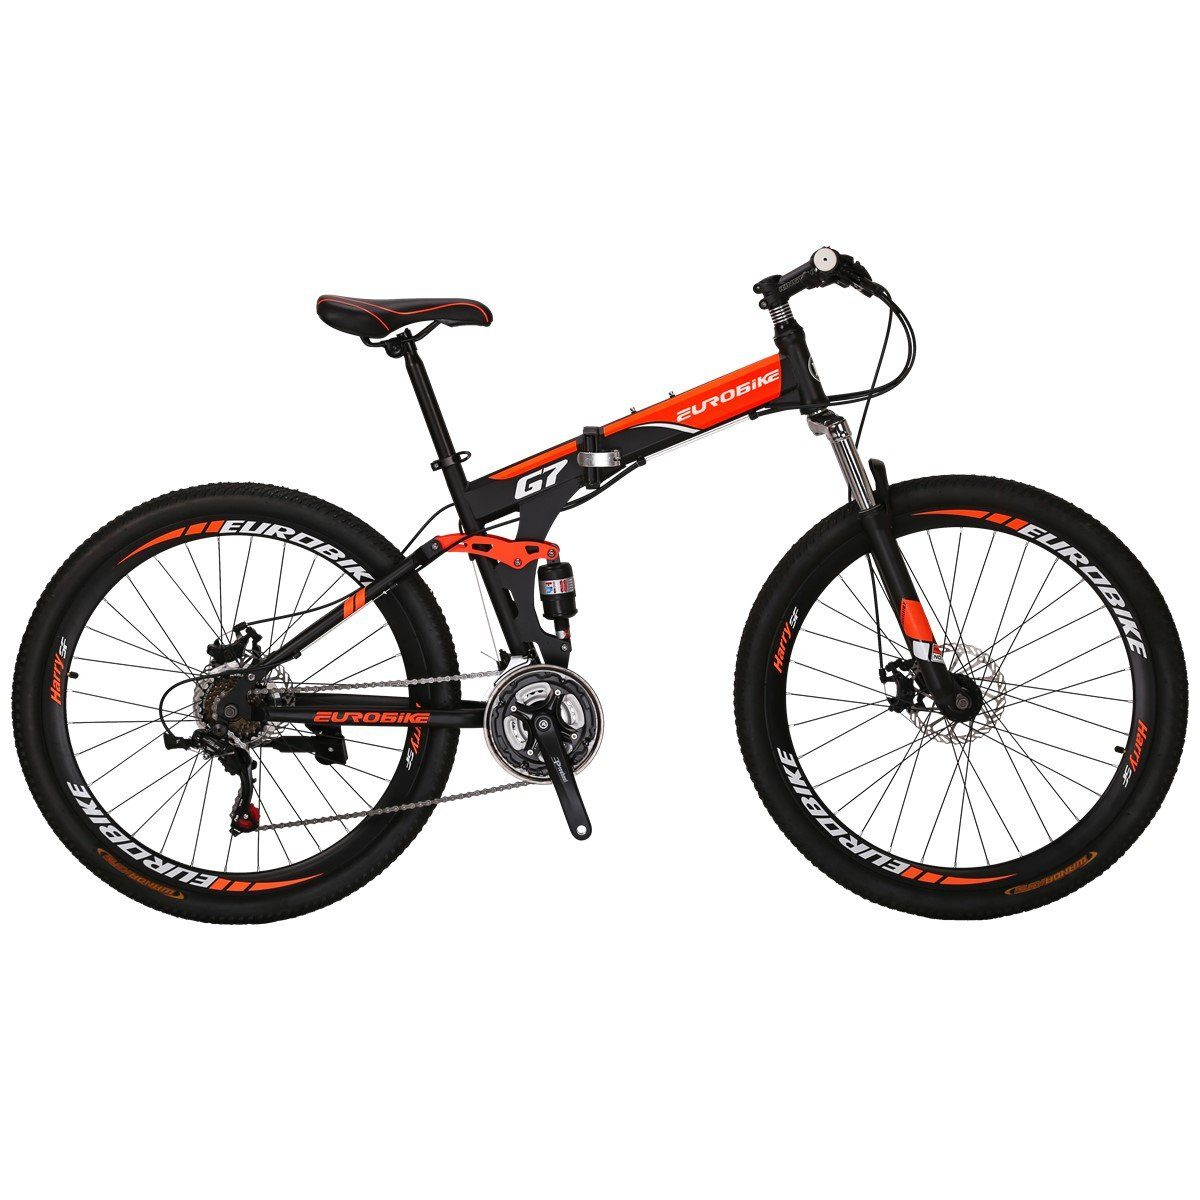 Travel Bikes - Euro Bike